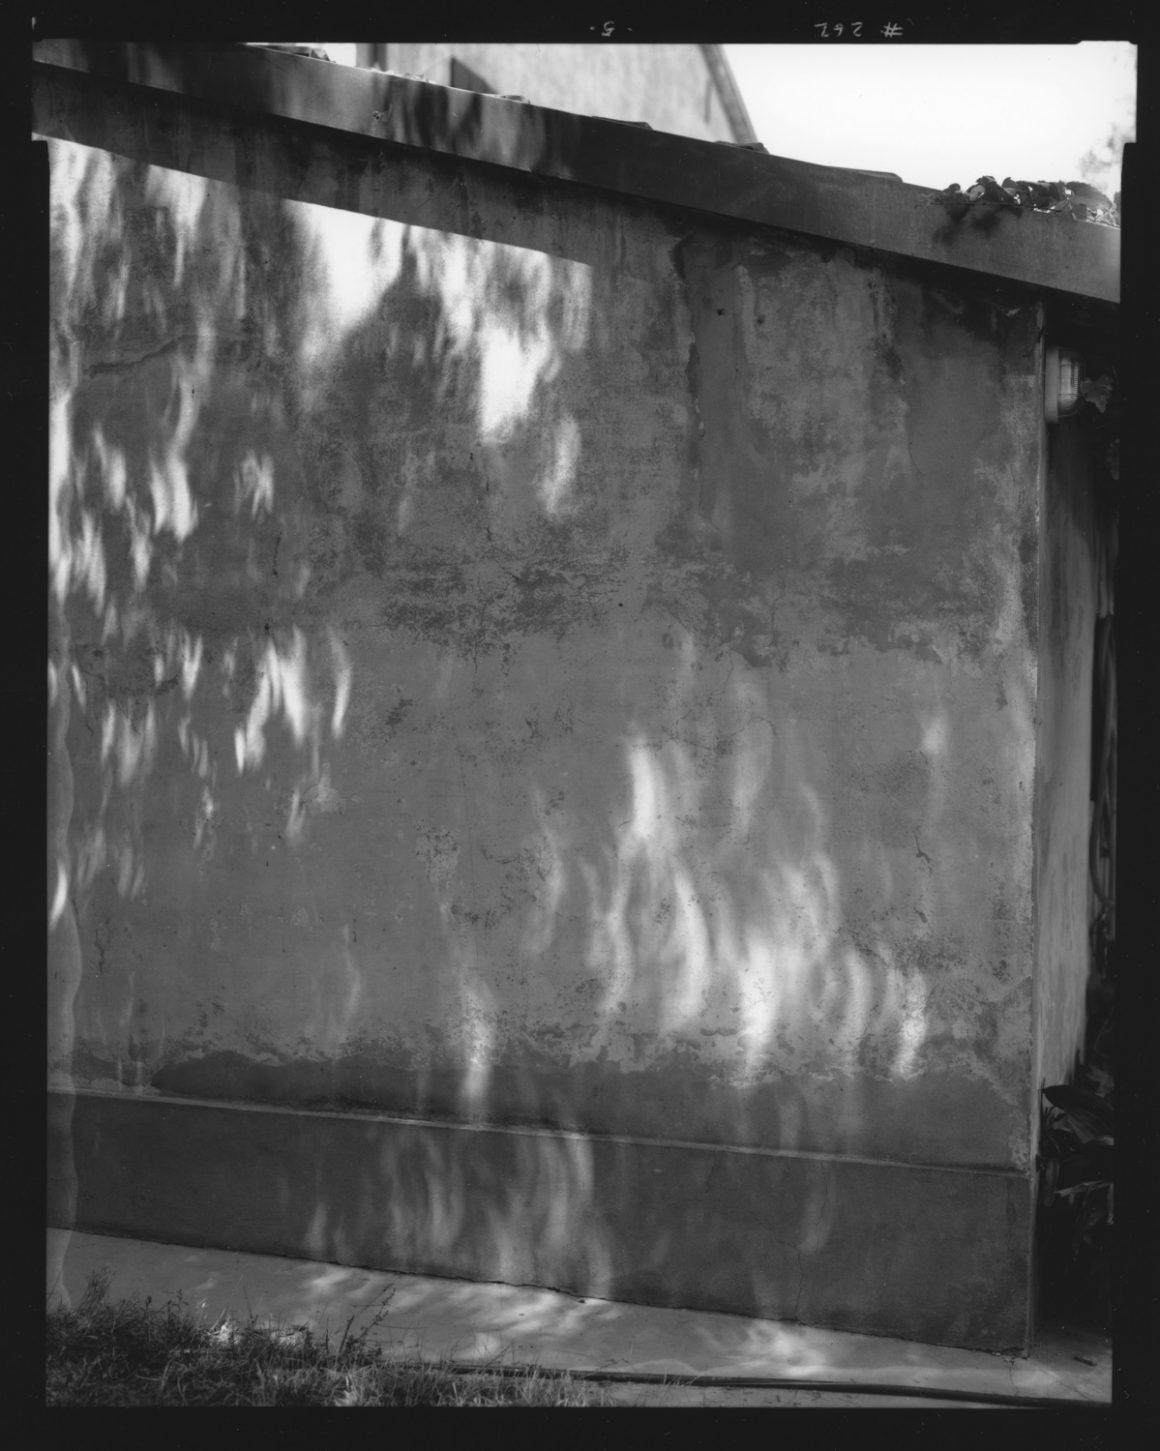 Guido Guidi, Ronta, Eclissi 11-8-1999, stampa ai sali d'argento, cm 24x30, © Guido Guidi, courtesy Viasaterna